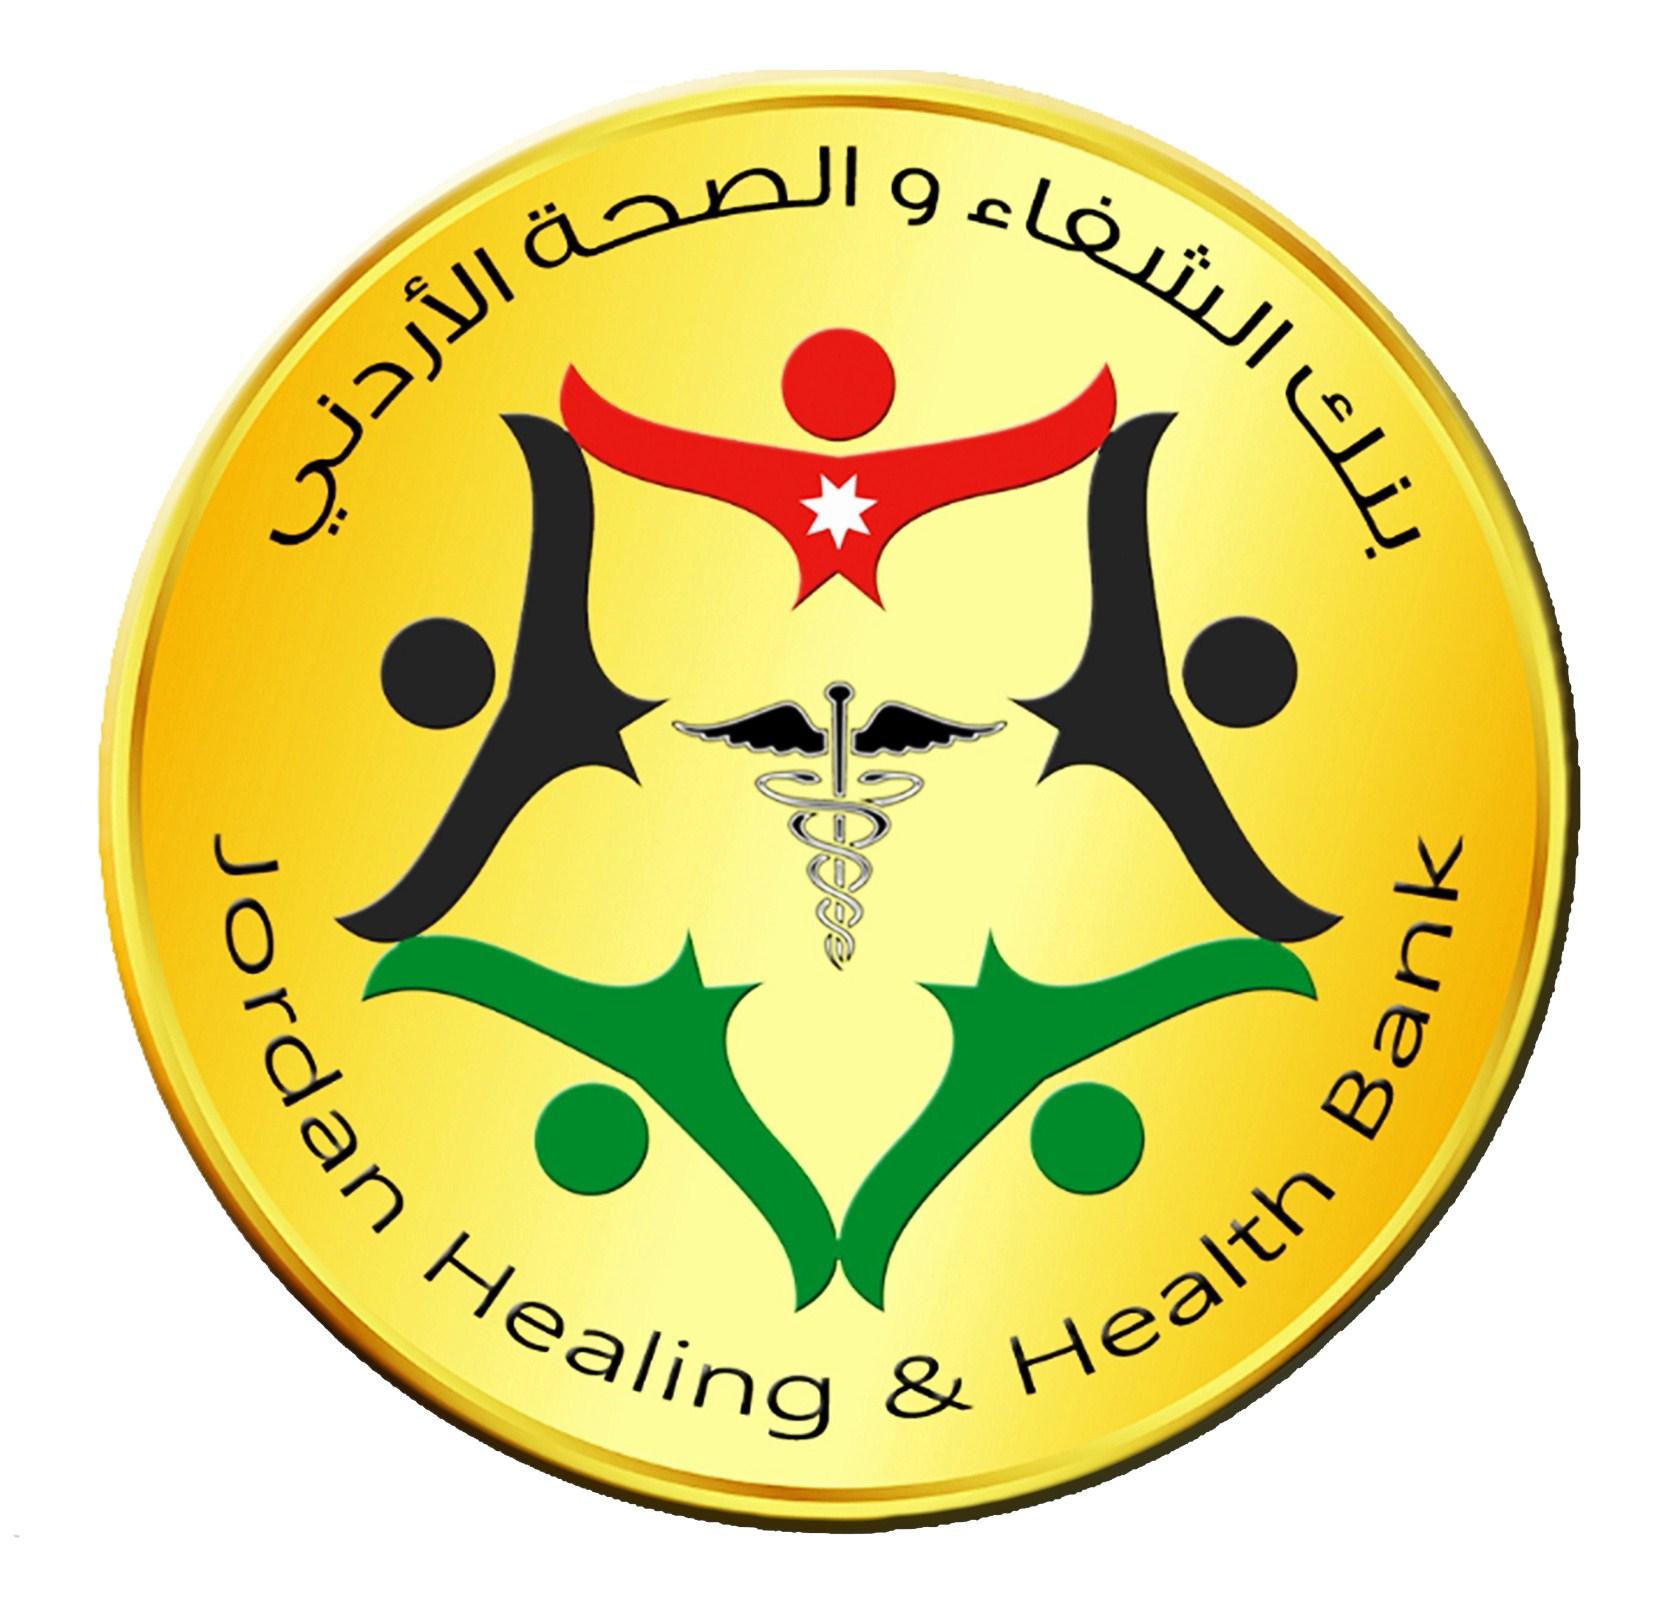 بنك الشفاء والصحة الأردني جاء ليعزز الأمن الصحي الأردني ...